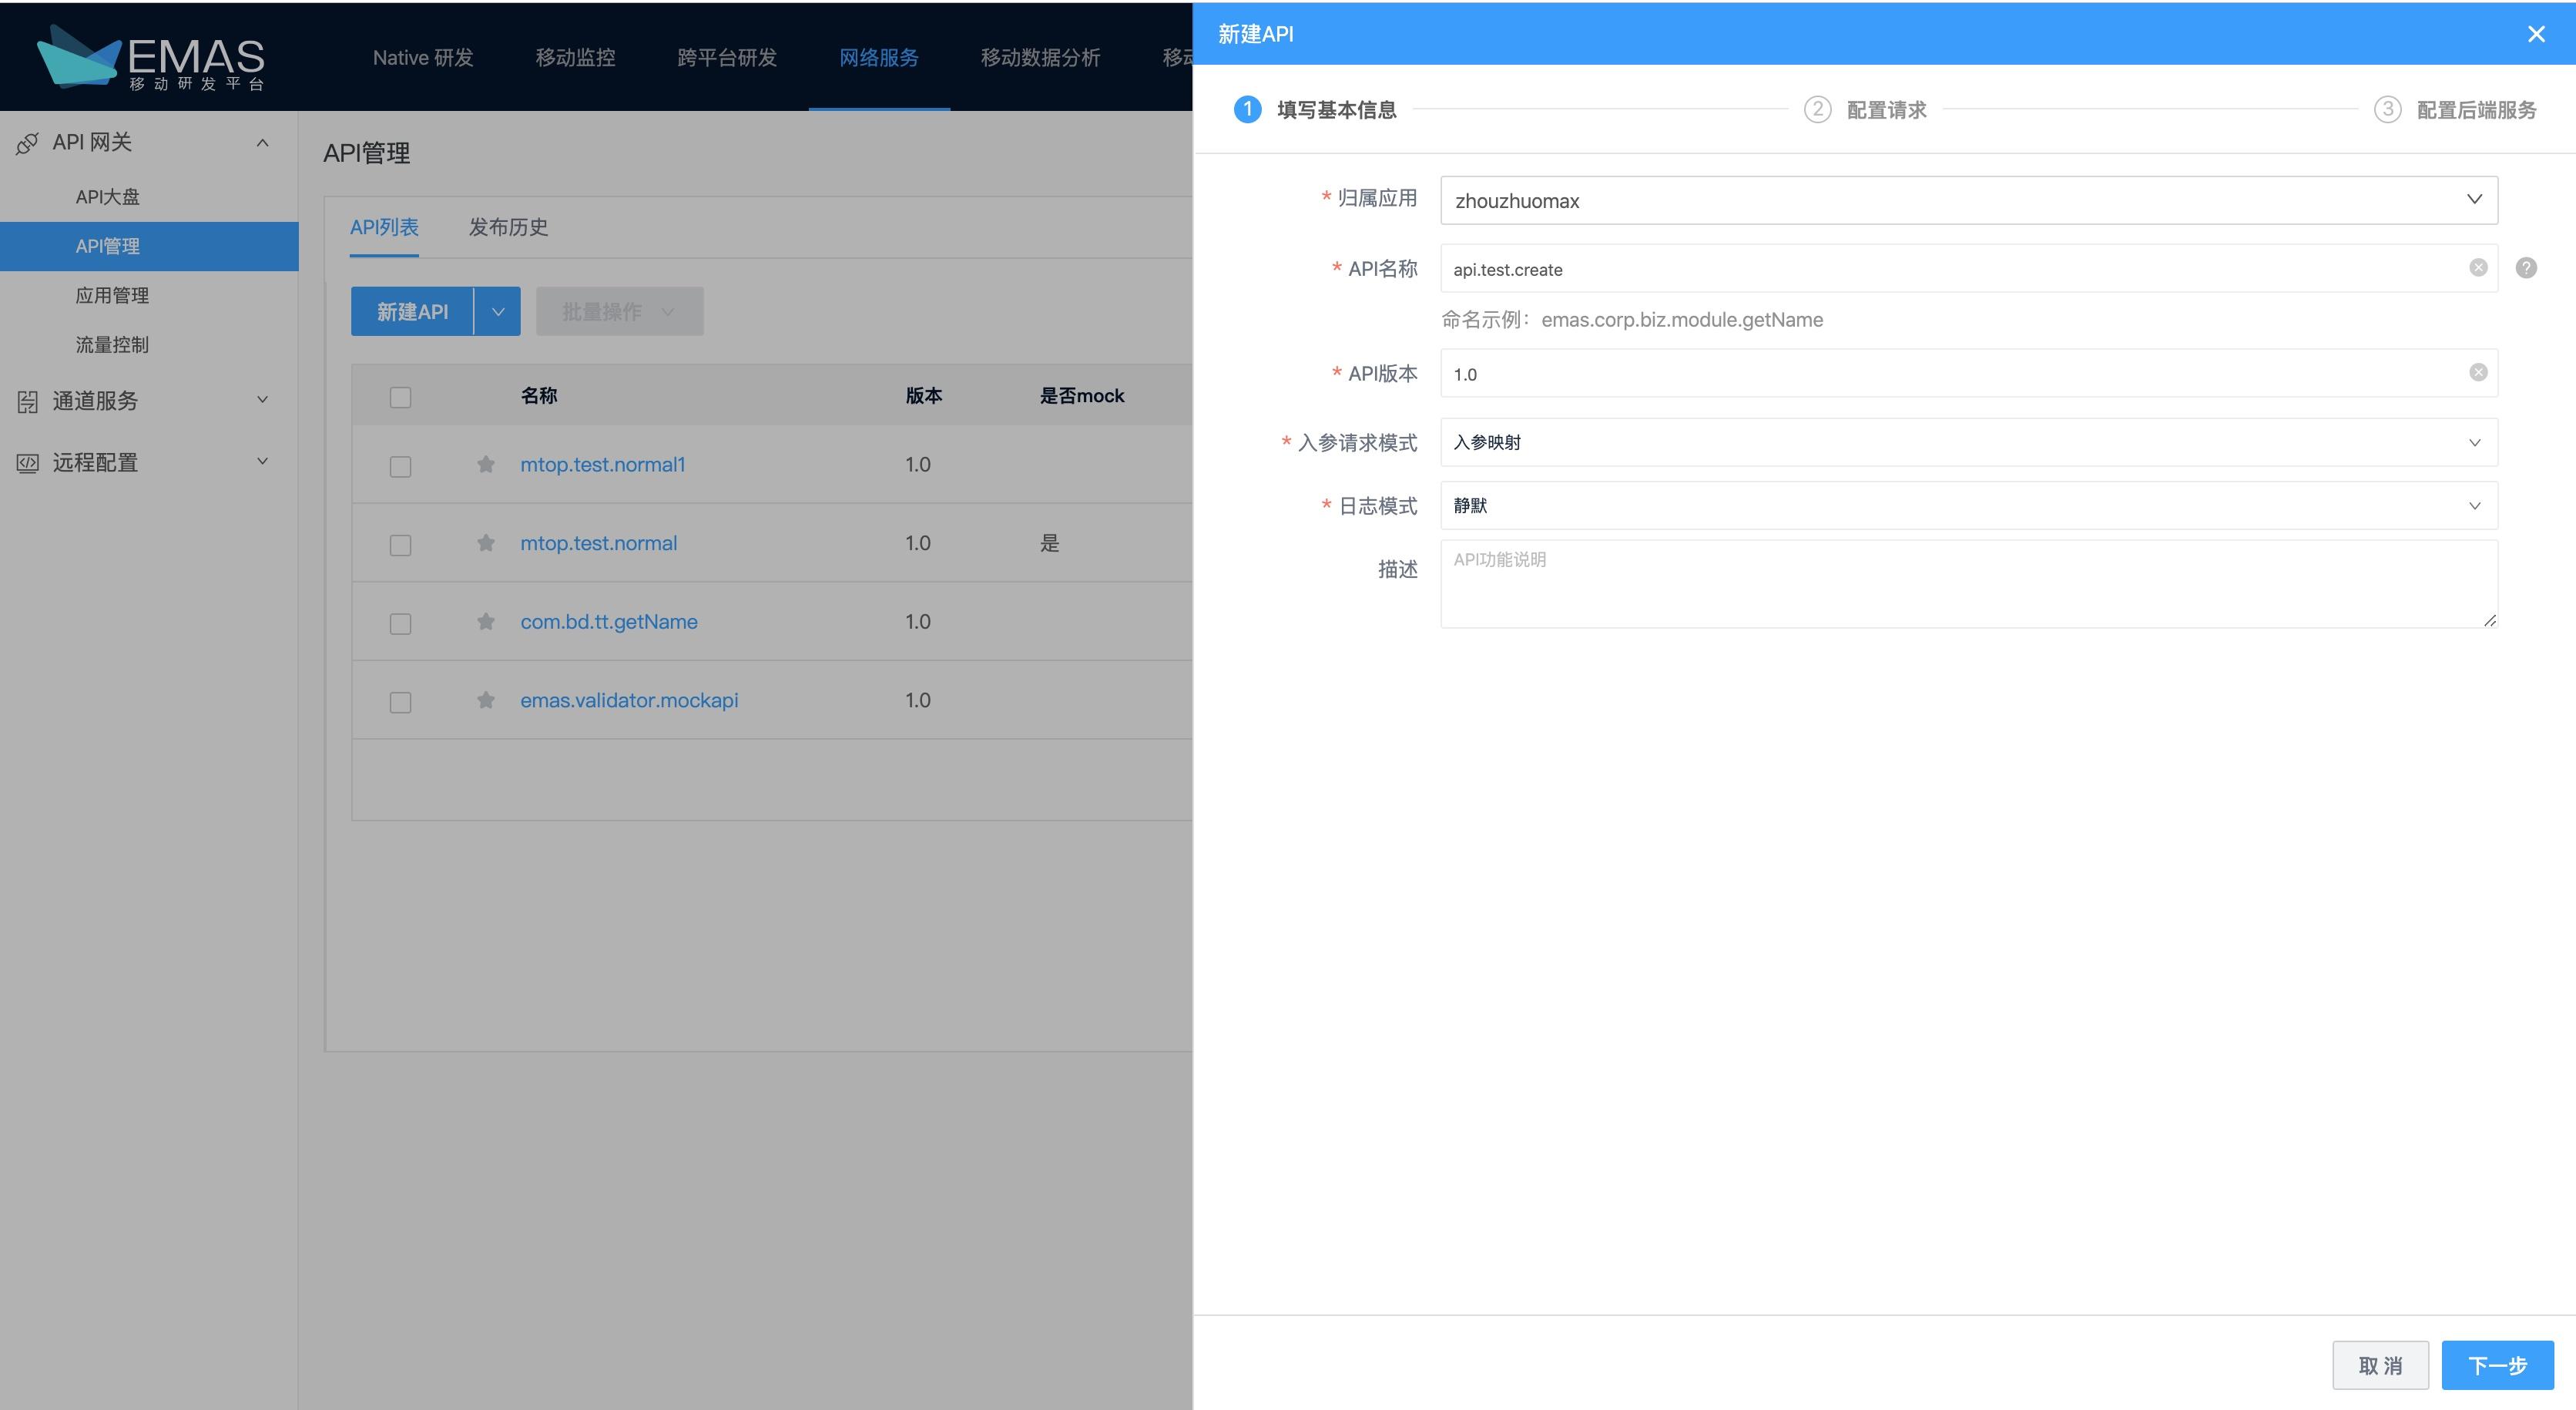 填写API基础信息